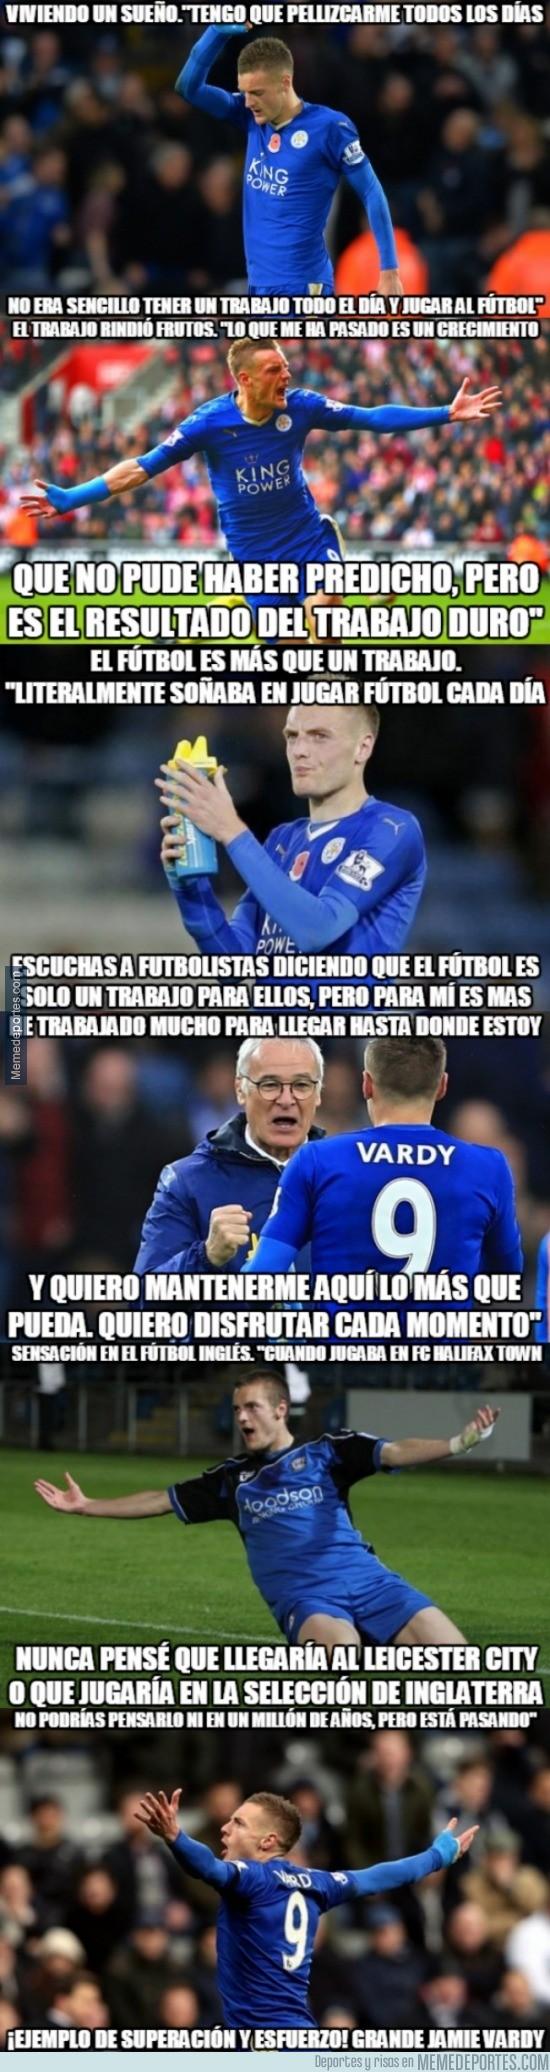 799983 - Atentos a la declaraciones de Vardy en esta gran temporada con el Leicester